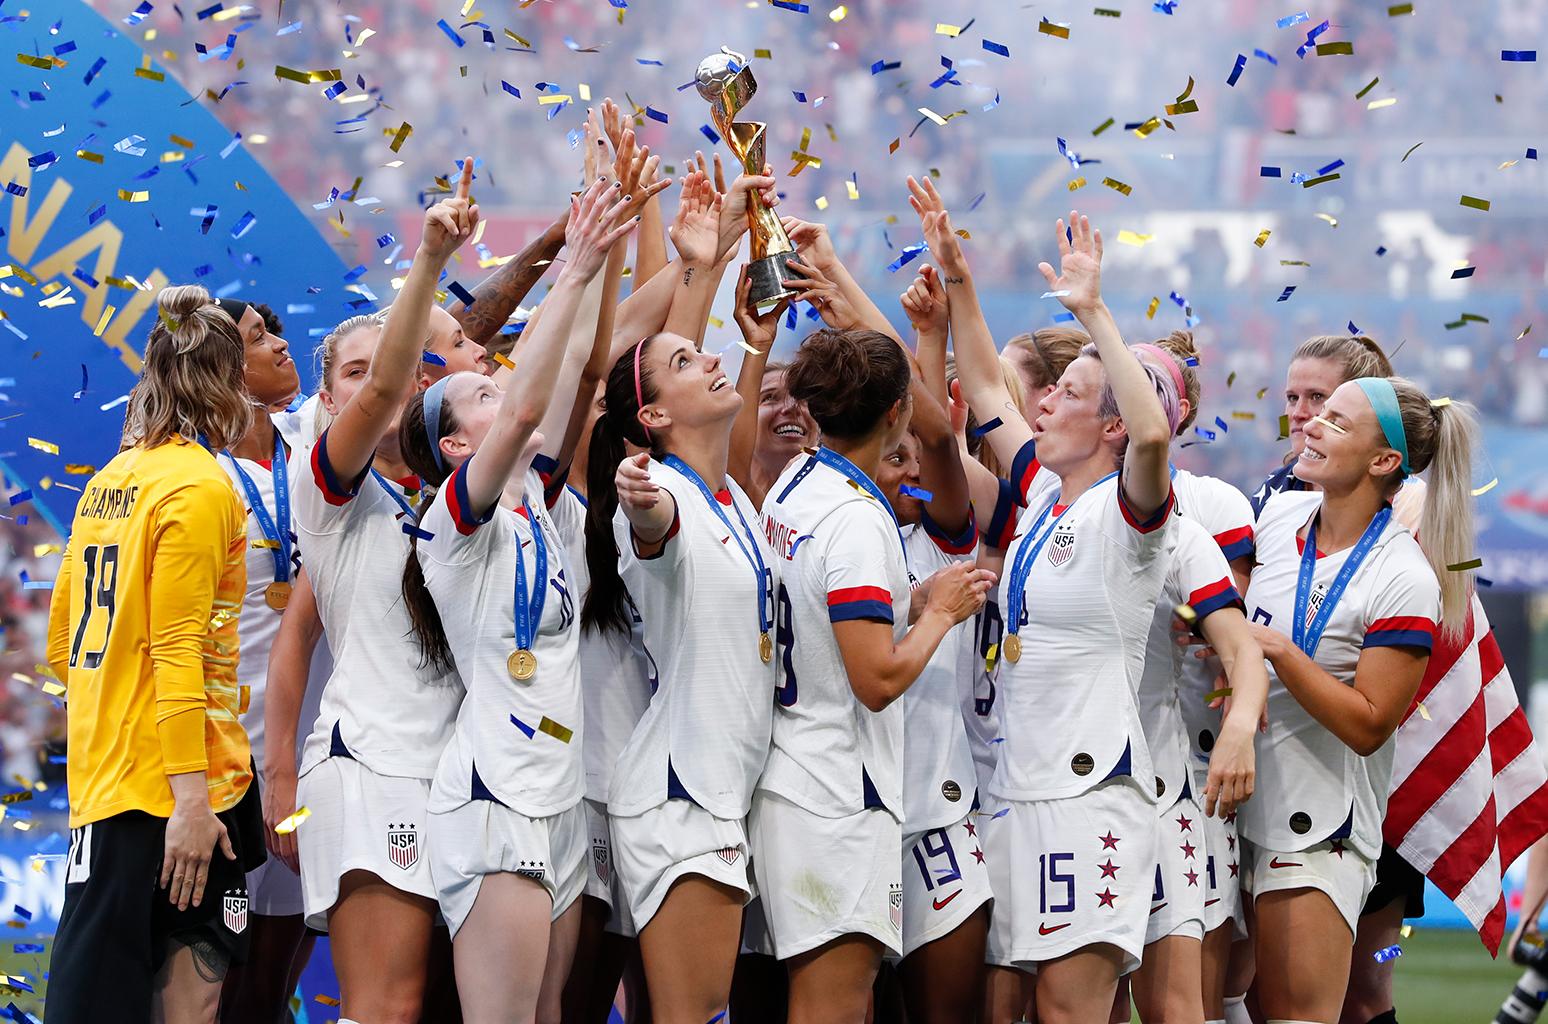 usa-win-soccer-world-cup-2019-billboard-1548.jpg